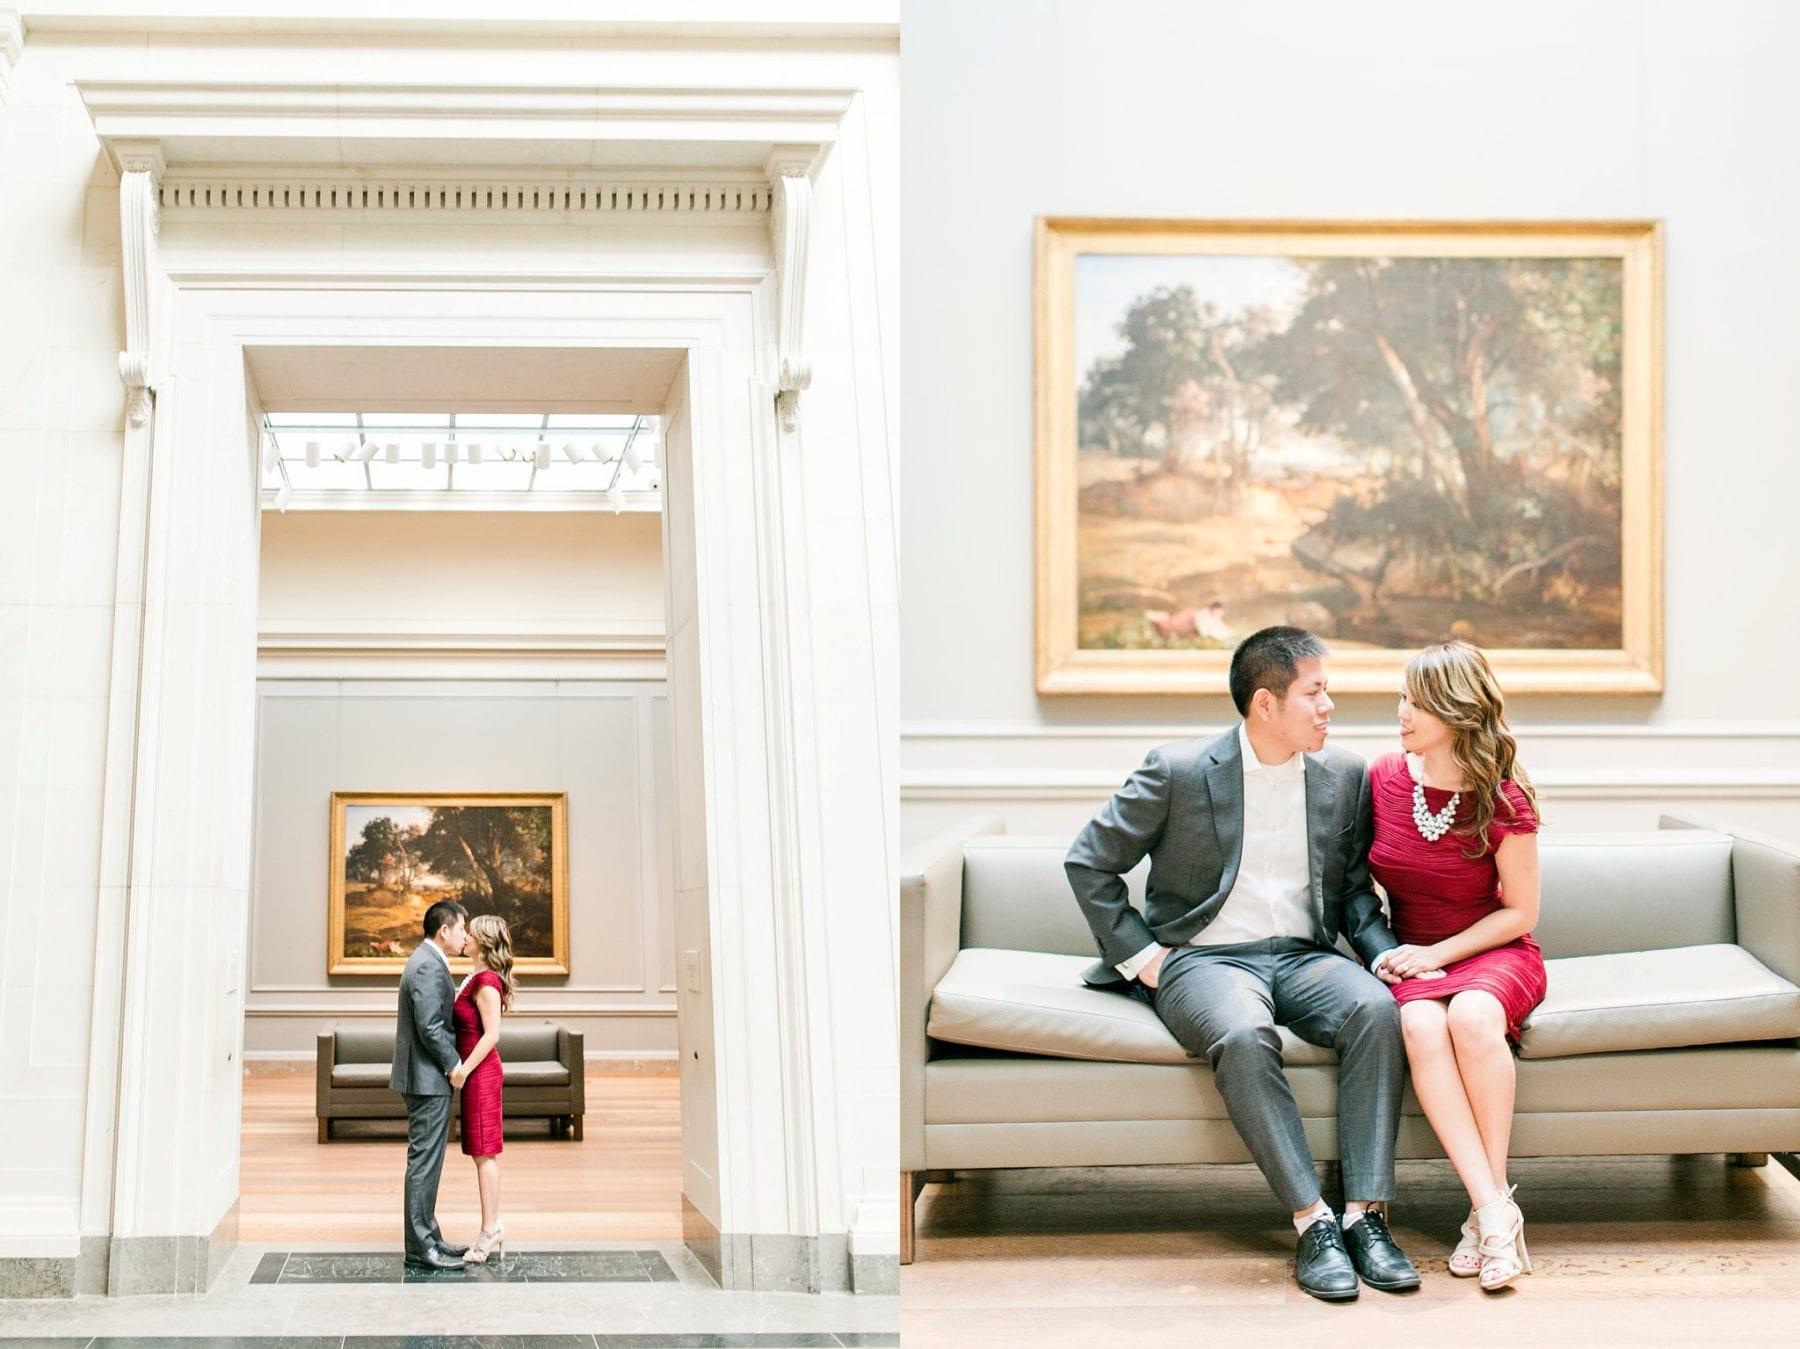 National Gallery of Art Engagement Photos Megan Kelsey Photography Washington DC Wedding Photographer Sy-yu & Anthony-116.jpg